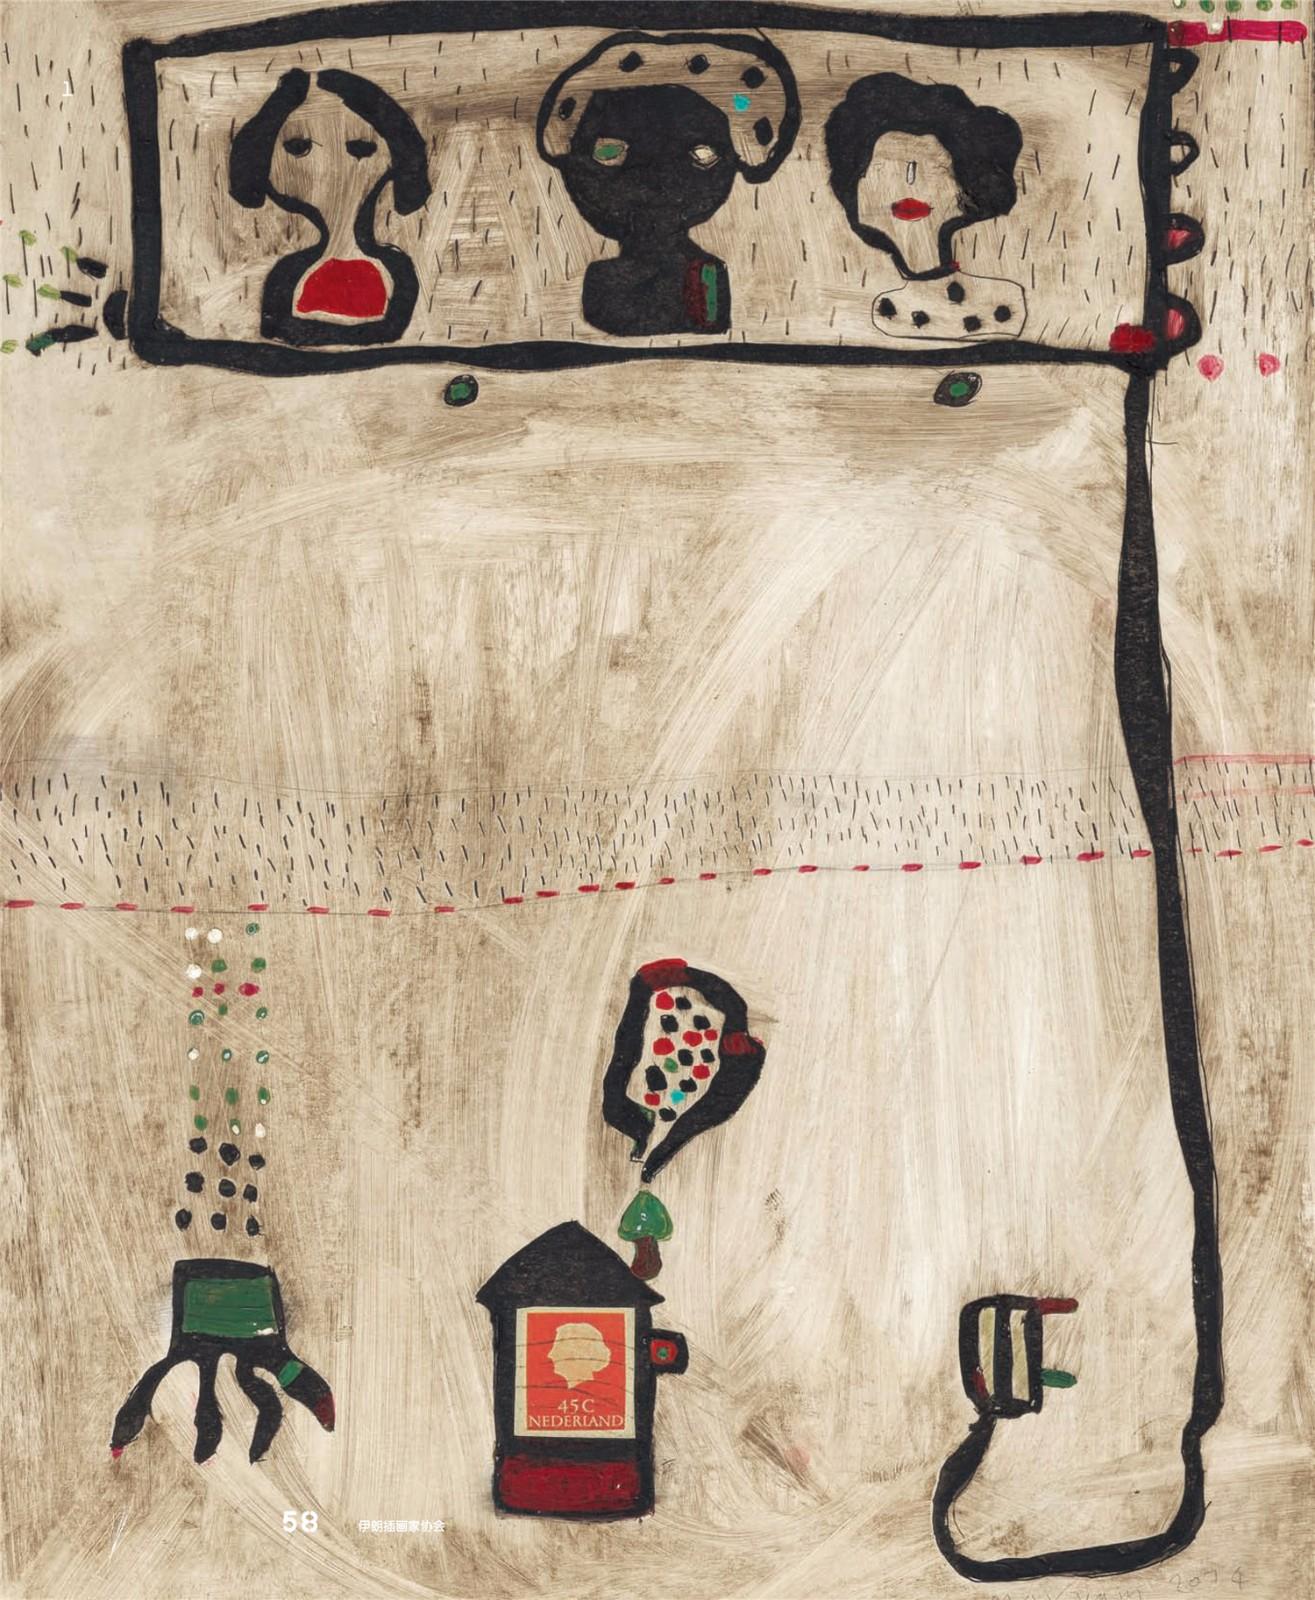 伊朗 法蒂玛·卡西米 我的漂亮妈妈 欧化和丙烯.jpg